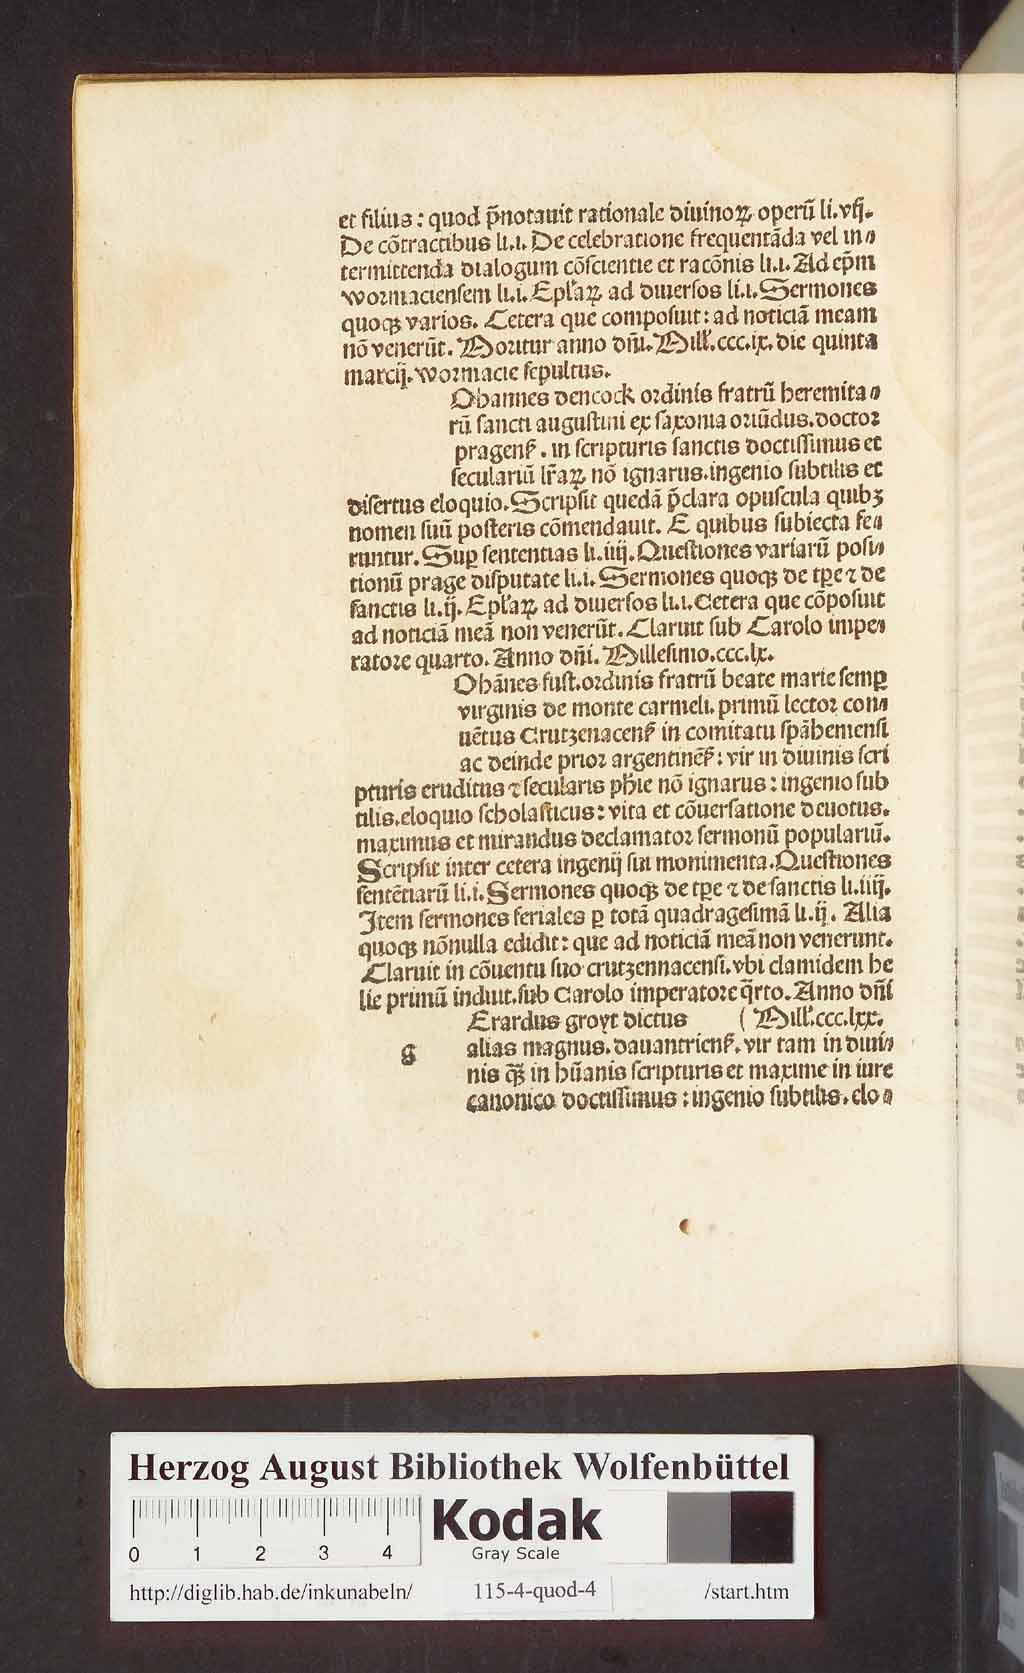 http://diglib.hab.de/inkunabeln/115-4-quod-4/00086.jpg